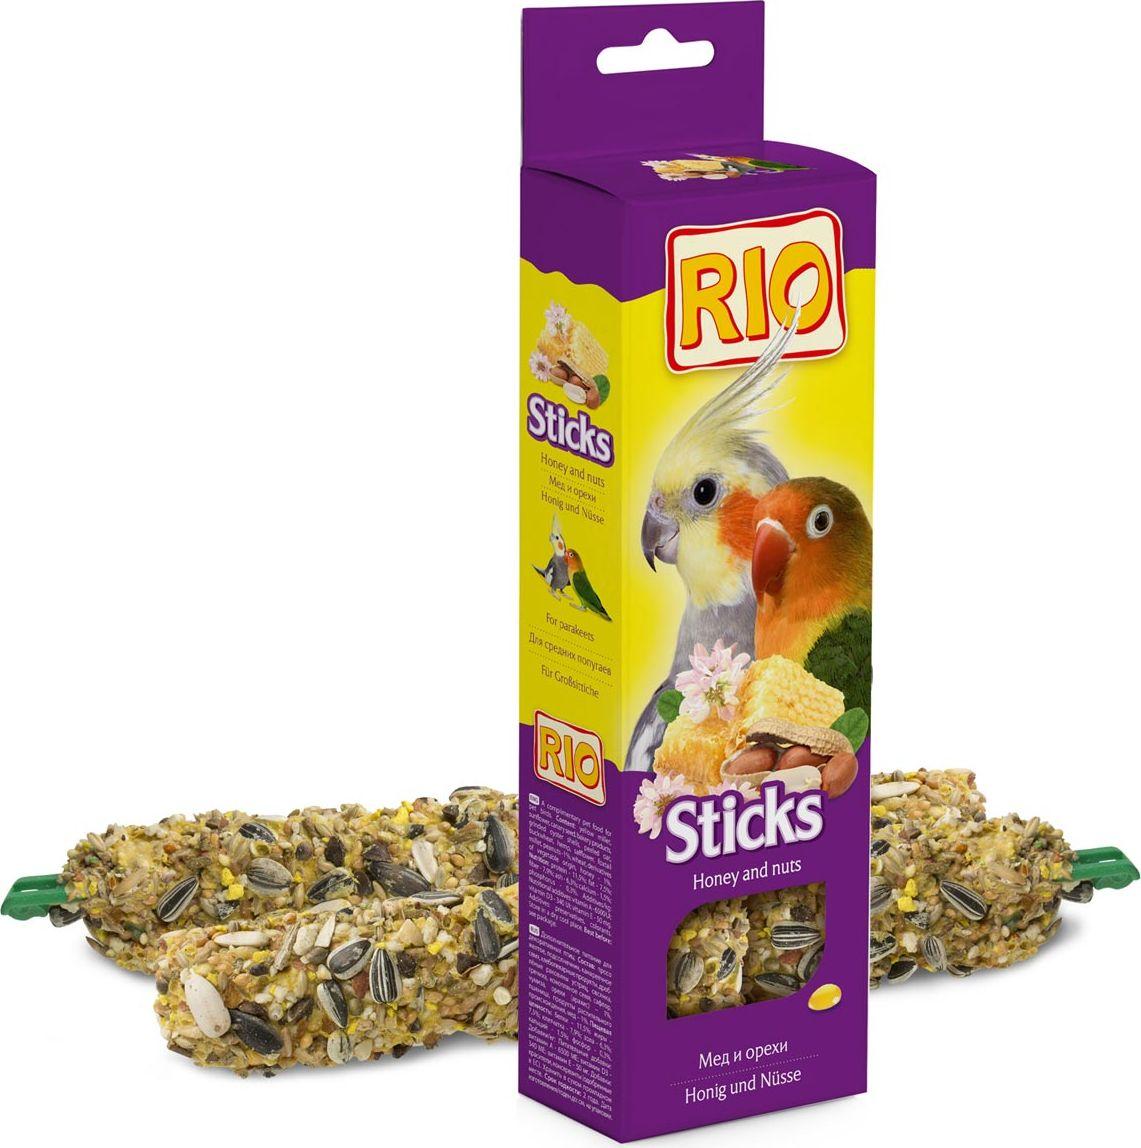 Лакомство для средних попугаев RIO Sticks, с медом и орехами, 2 х 75 г0120710Лакомство RIO Sticks с медом и орехами - это дополнительное питание для средних попугаев. В процессе производства палочки запекают в специальных печах особым способом, это обеспечивает превосходный вкус и хрустящую консистенцию.Лакомство имеет буковый стержень, который отлично подходит для чистки клюва.В комплект входит съемный держатель.Товар сертифицирован.